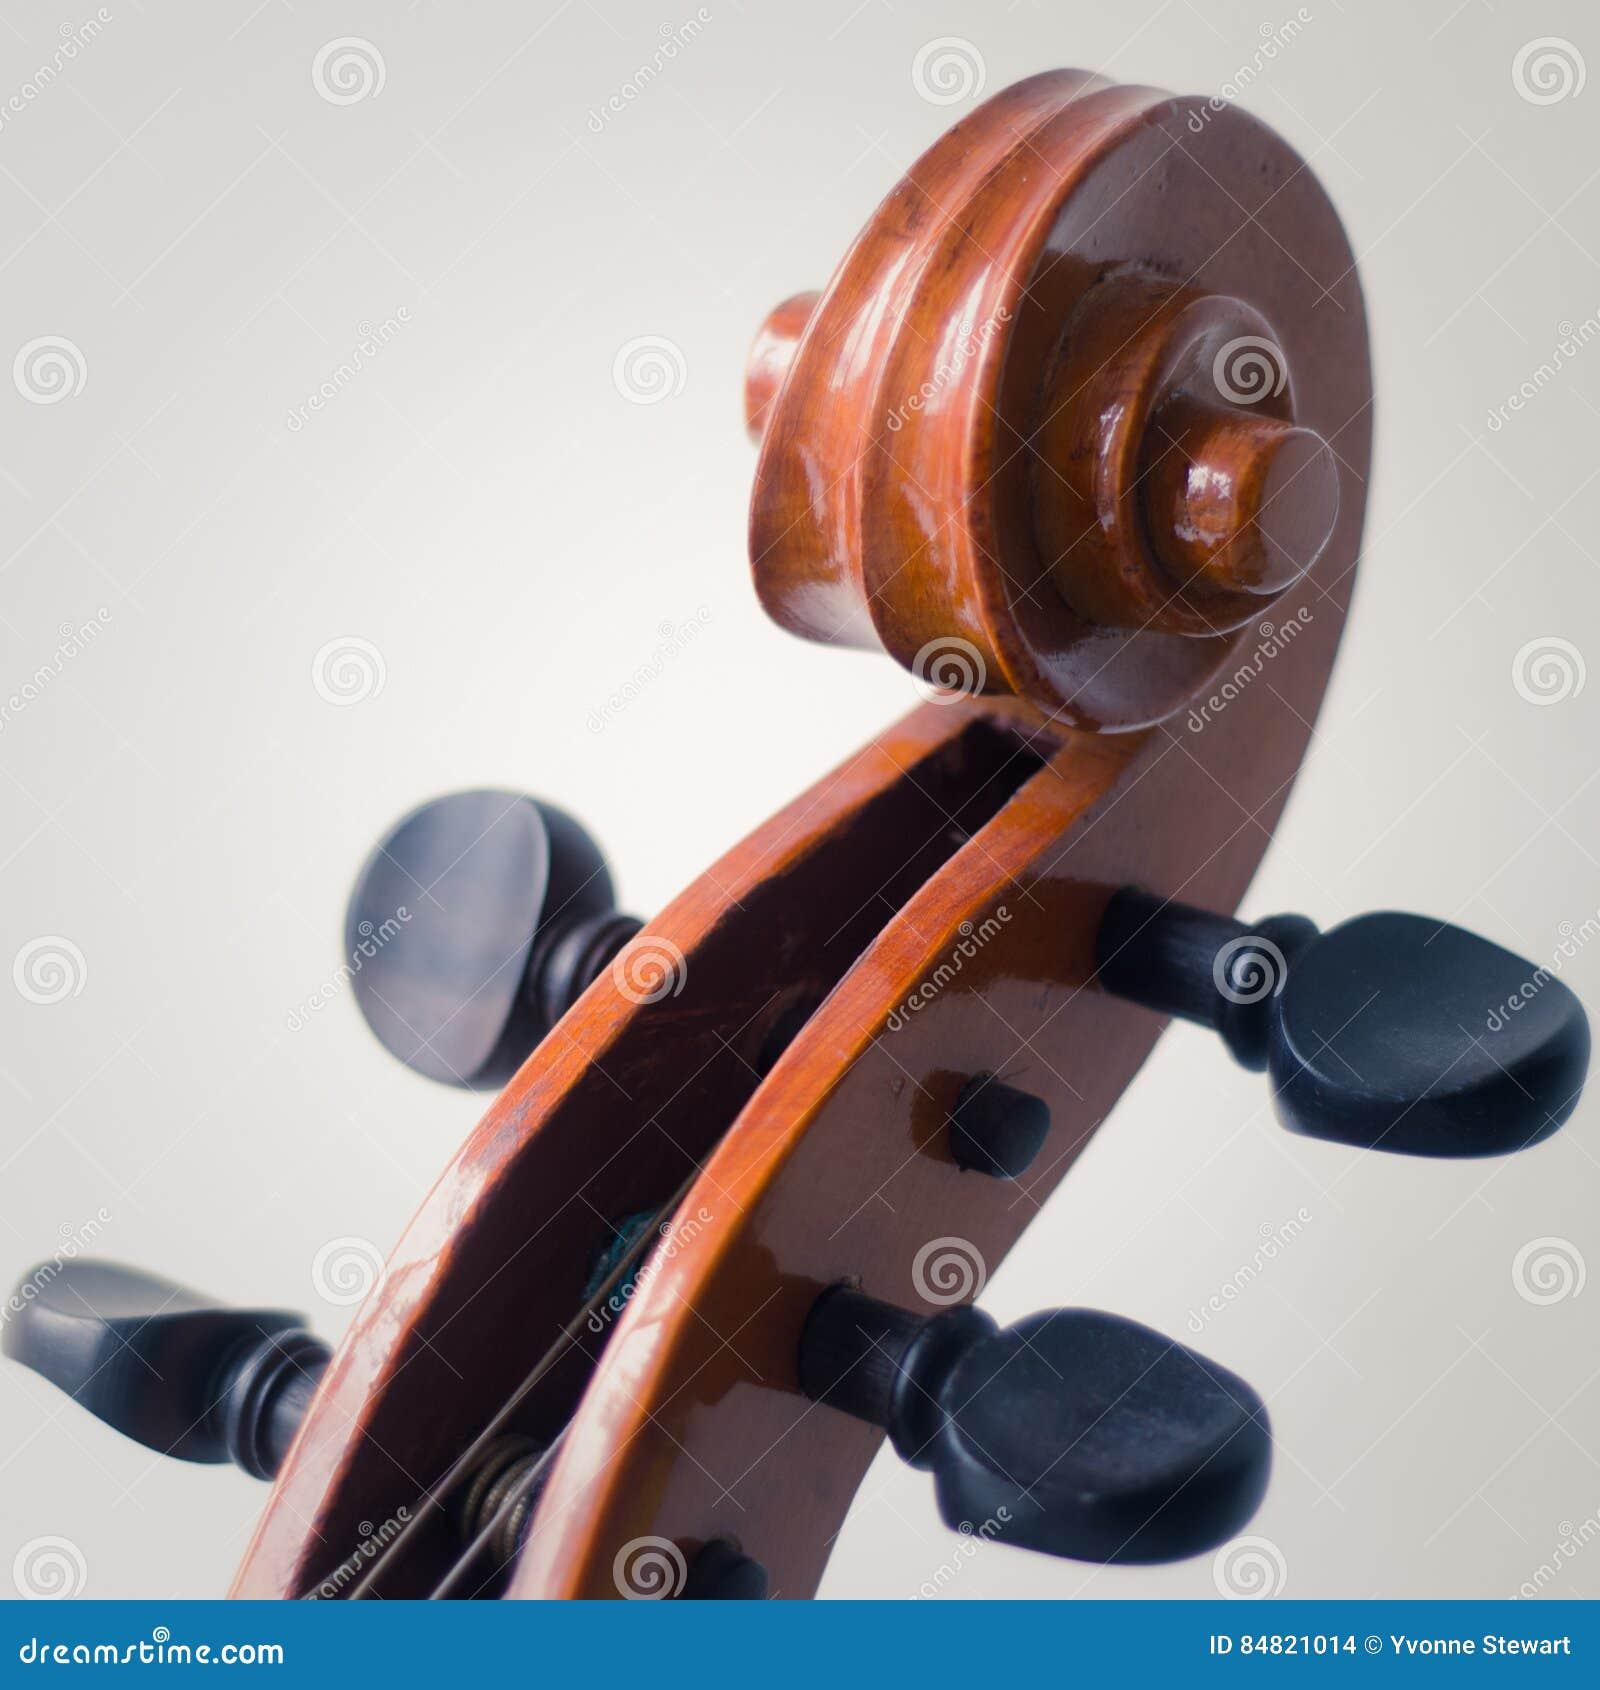 Voluta del violoncelo y clavijas de adaptación